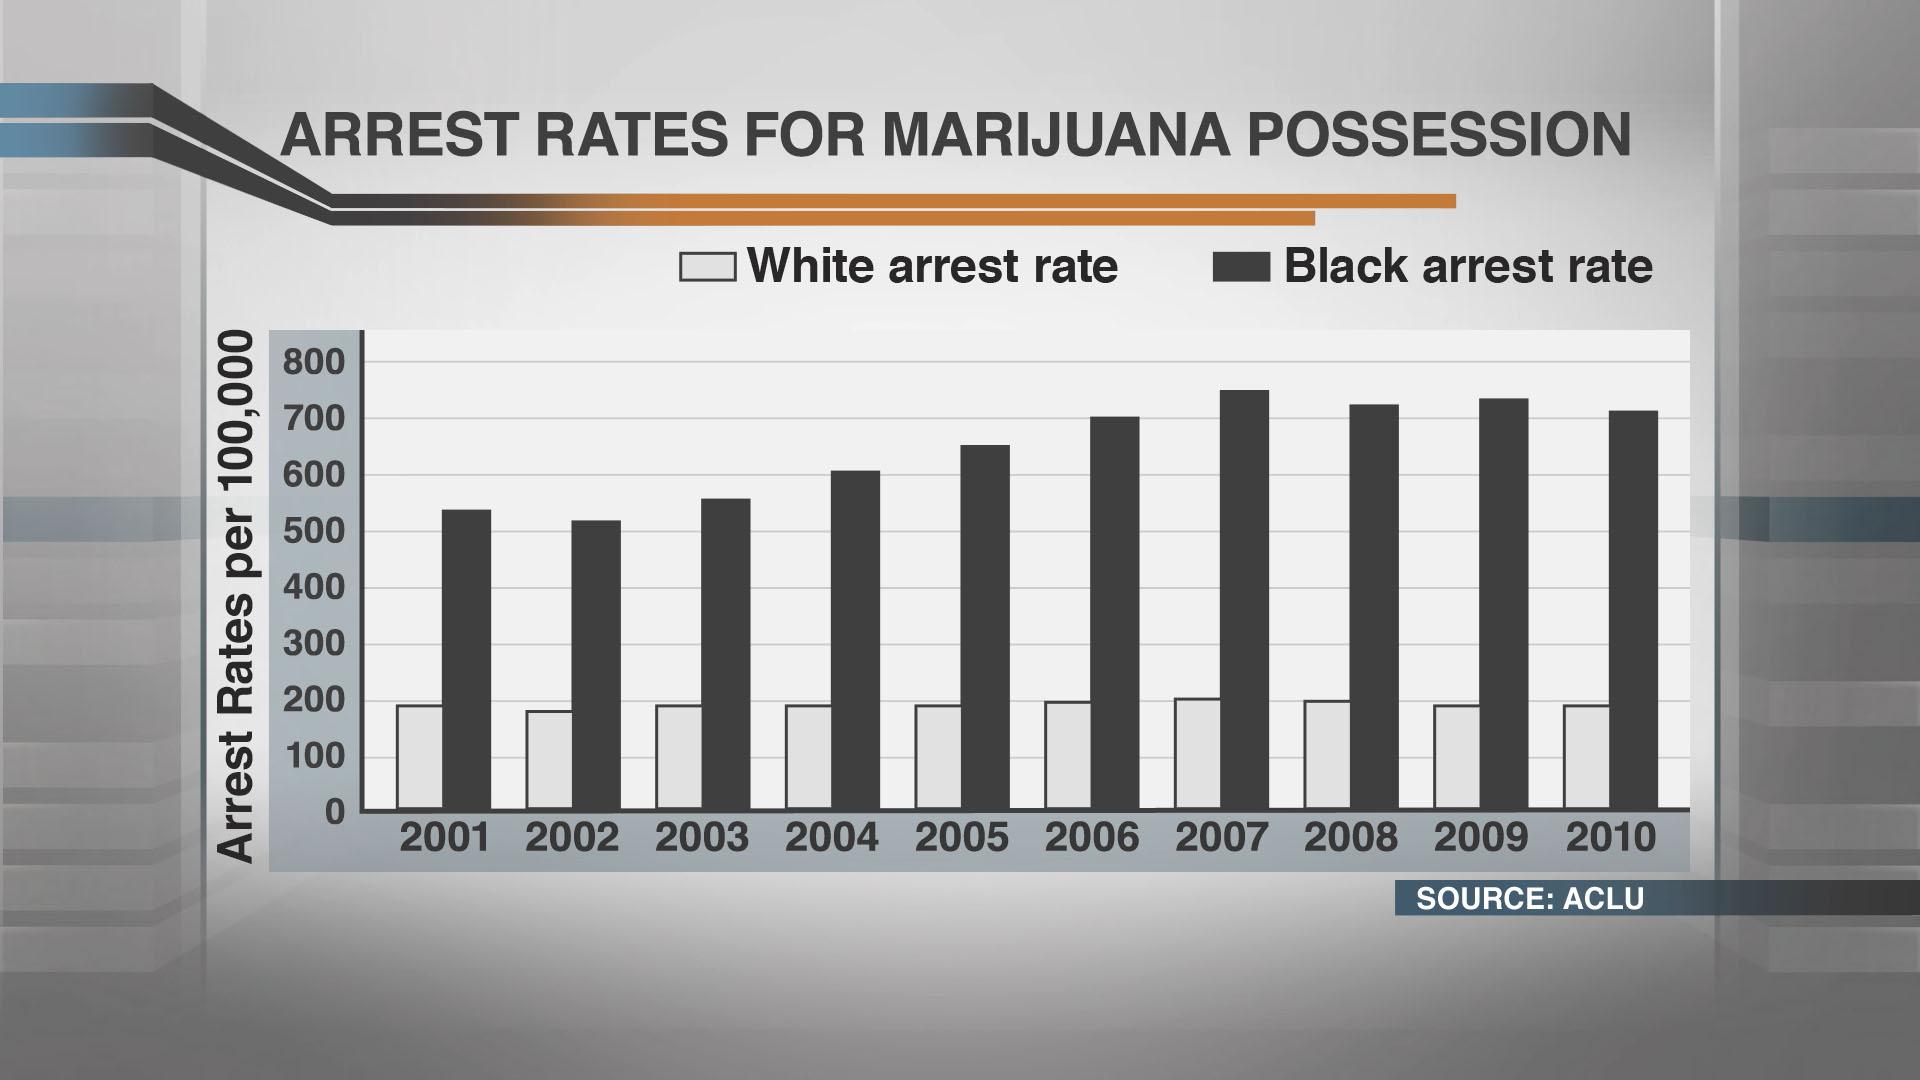 arrest-rates-for-marijuana-possesion